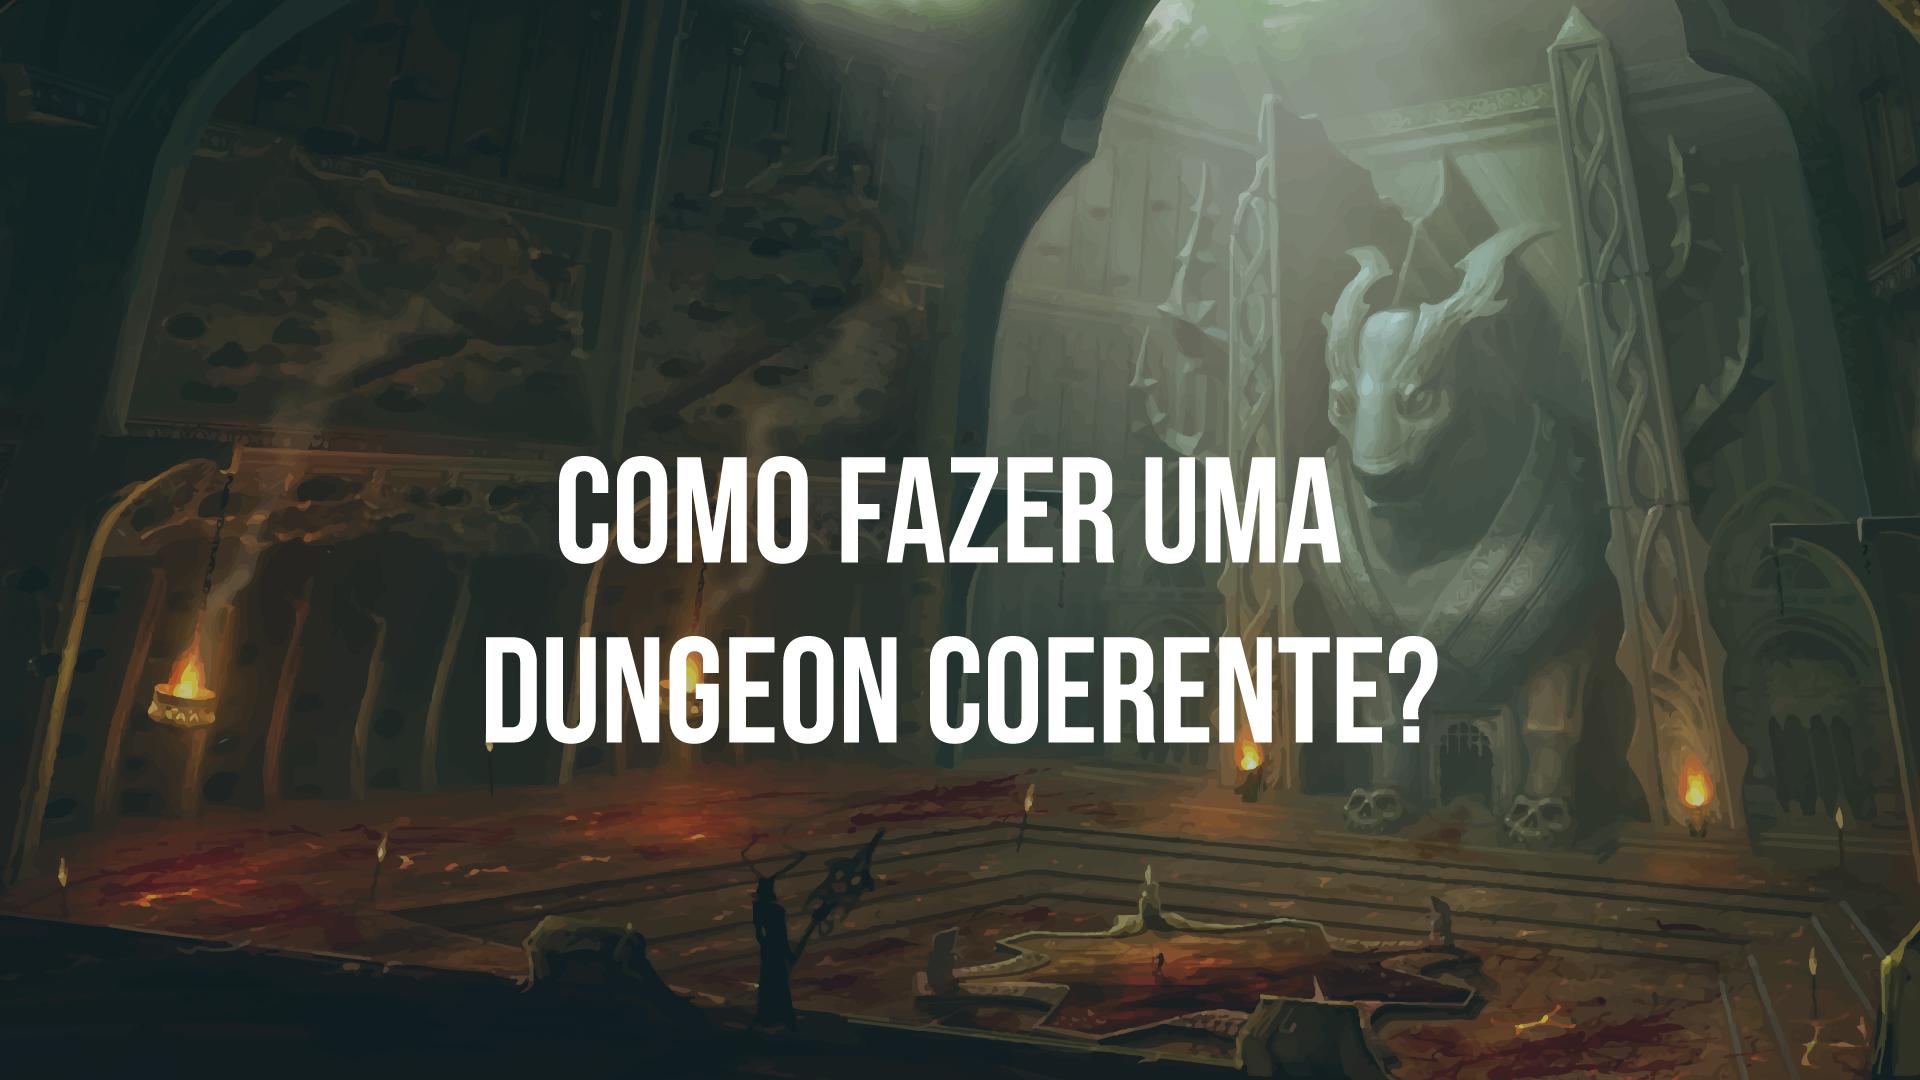 Como-fazer-uma-dungeon-coerente